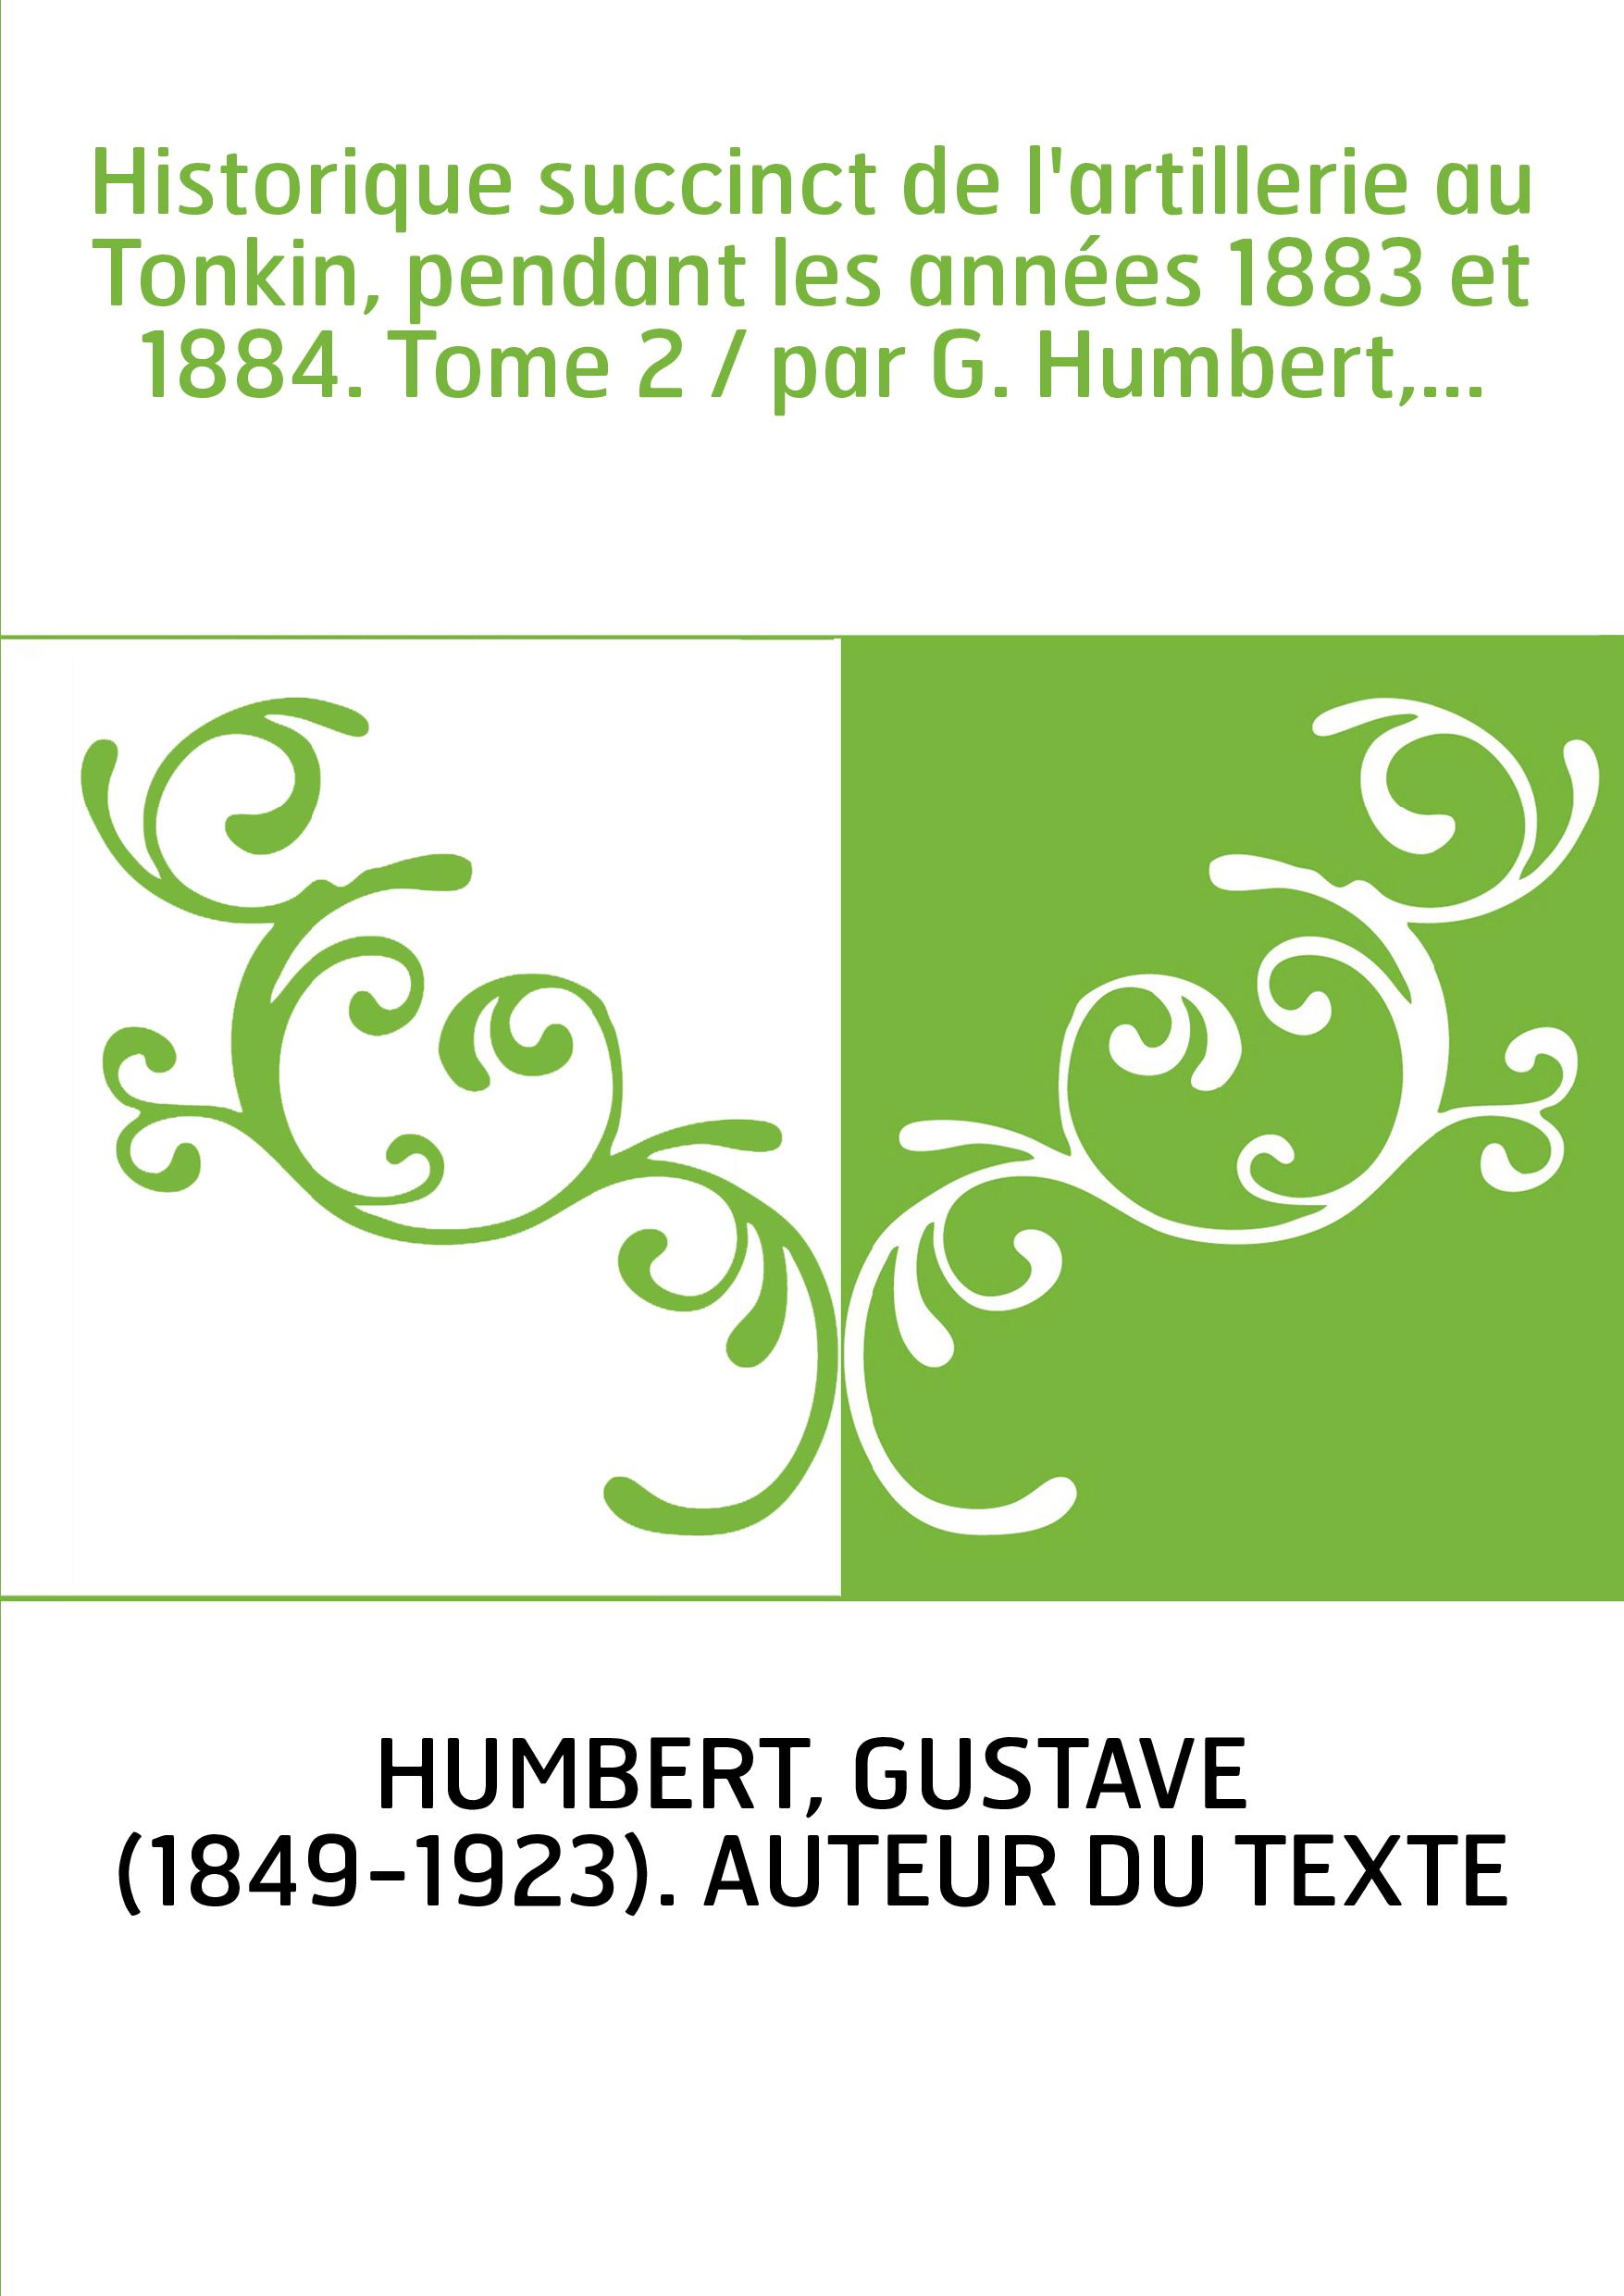 Historique succinct de l'artillerie au Tonkin, pendant les années 1883 et 1884. Tome 2 / par G. Humbert,...